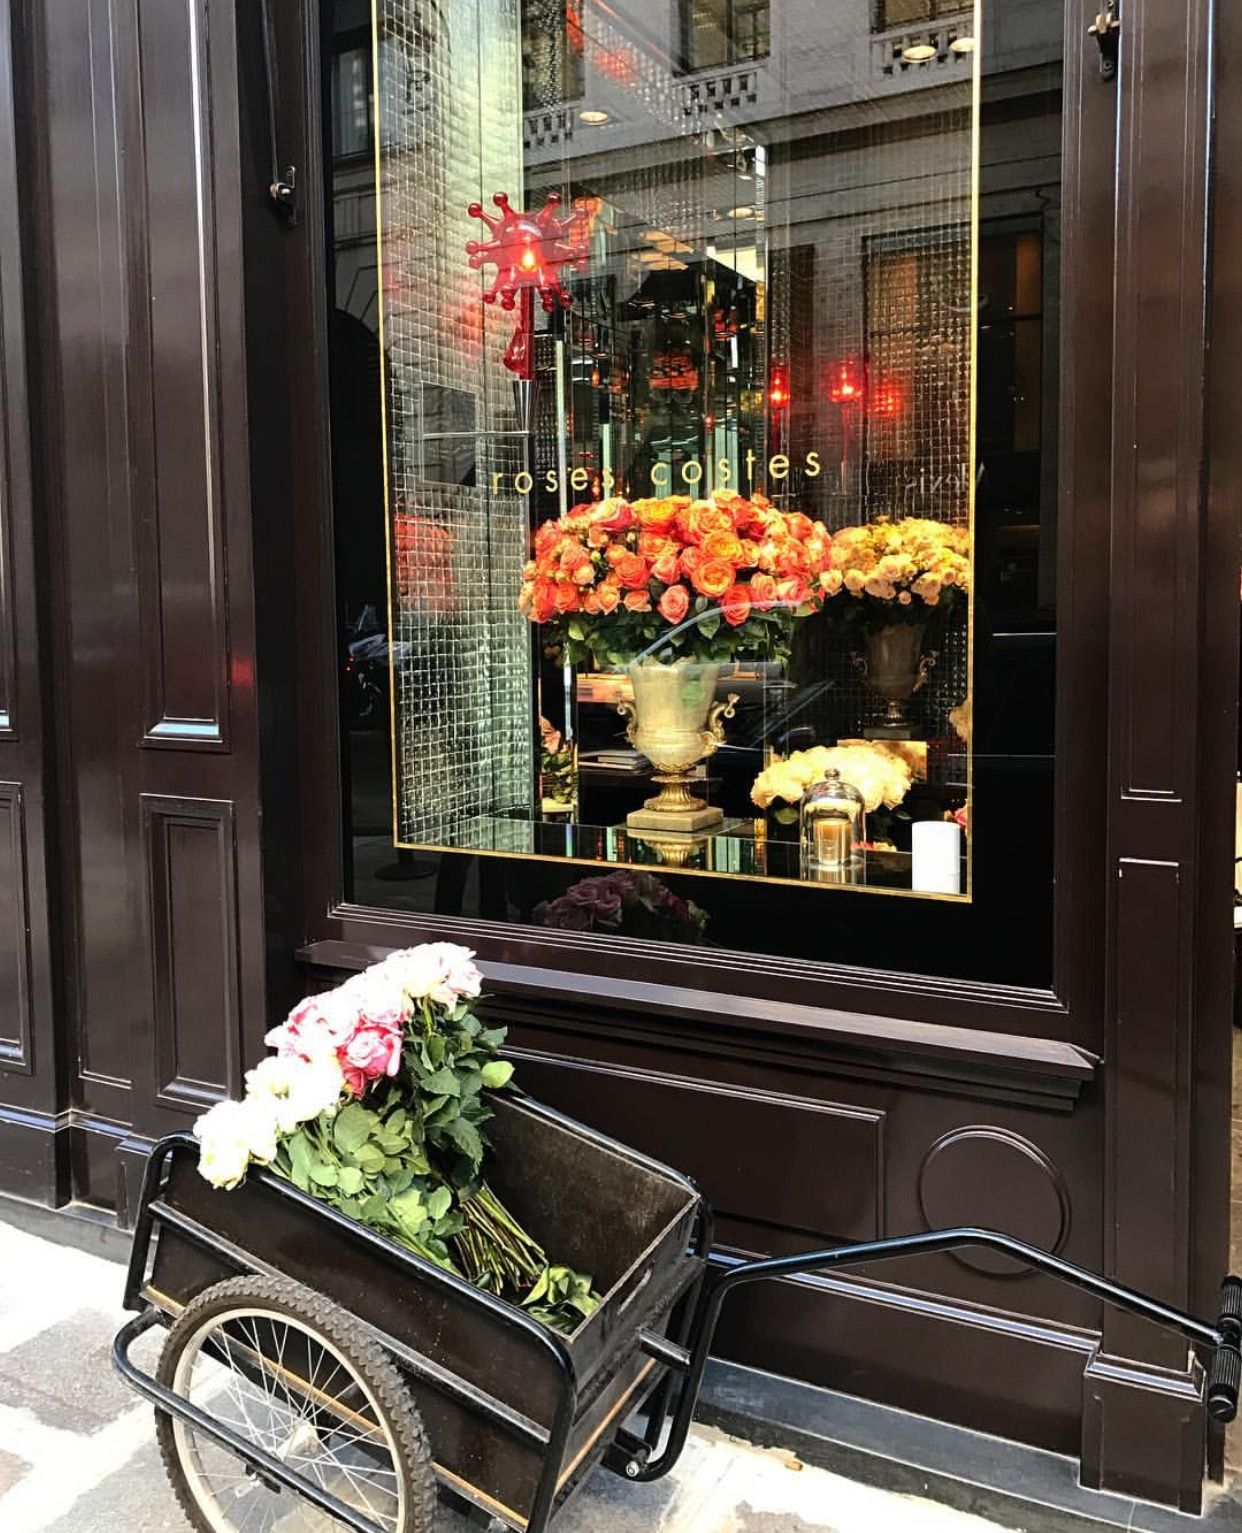 Hotel Costes - Paris